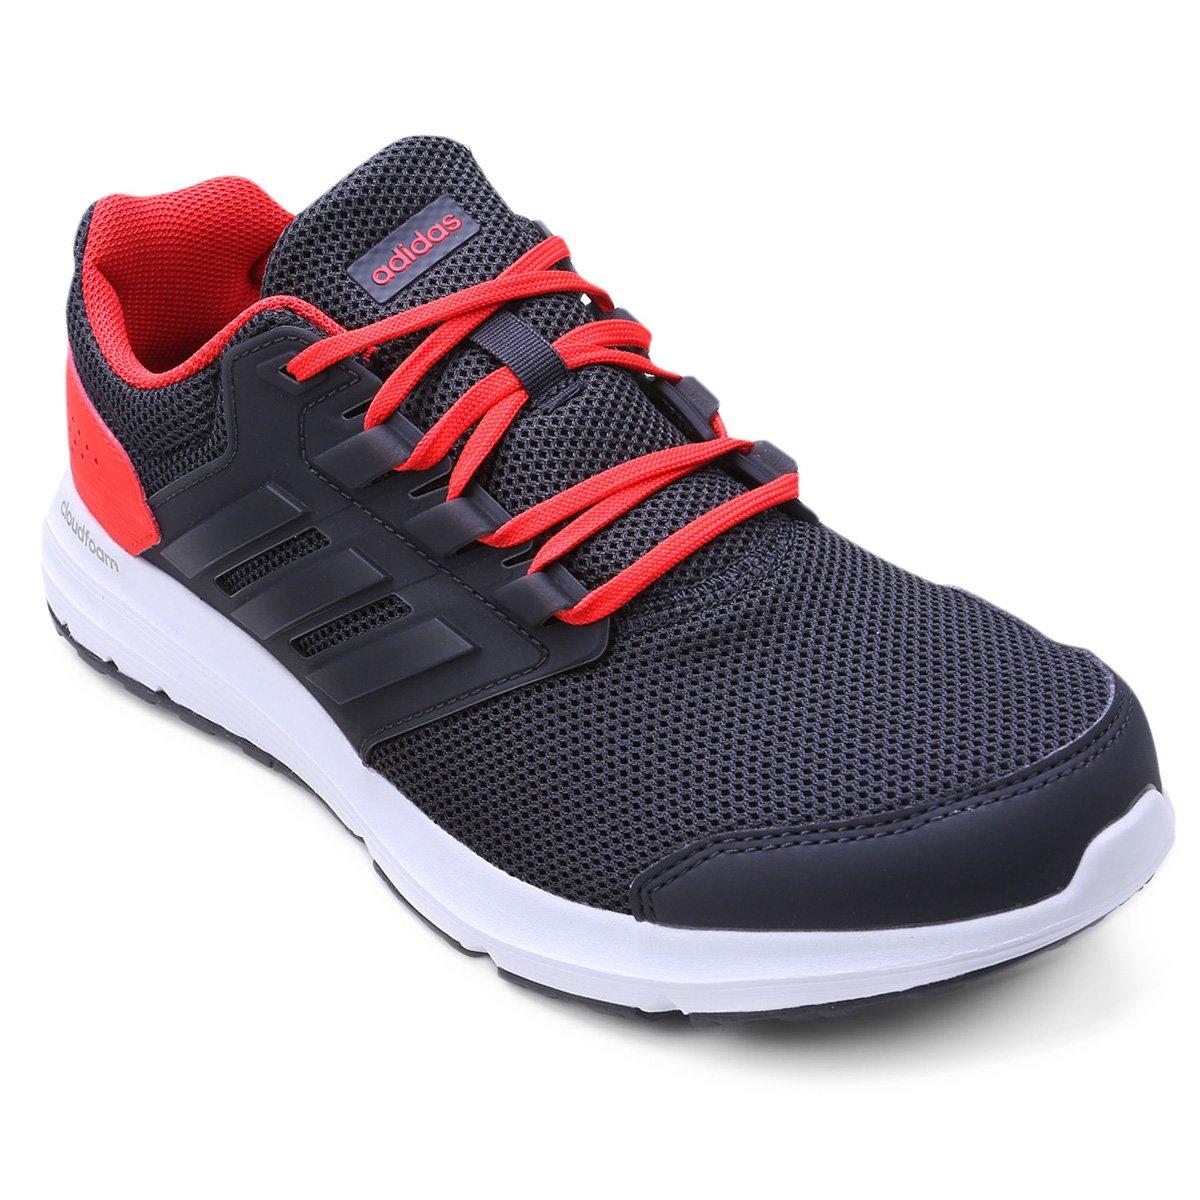 e210a7cbfa8 Tênis Adidas Galaxy 4 Masculino - Chumbo e Vermelho - Compre Agora ...